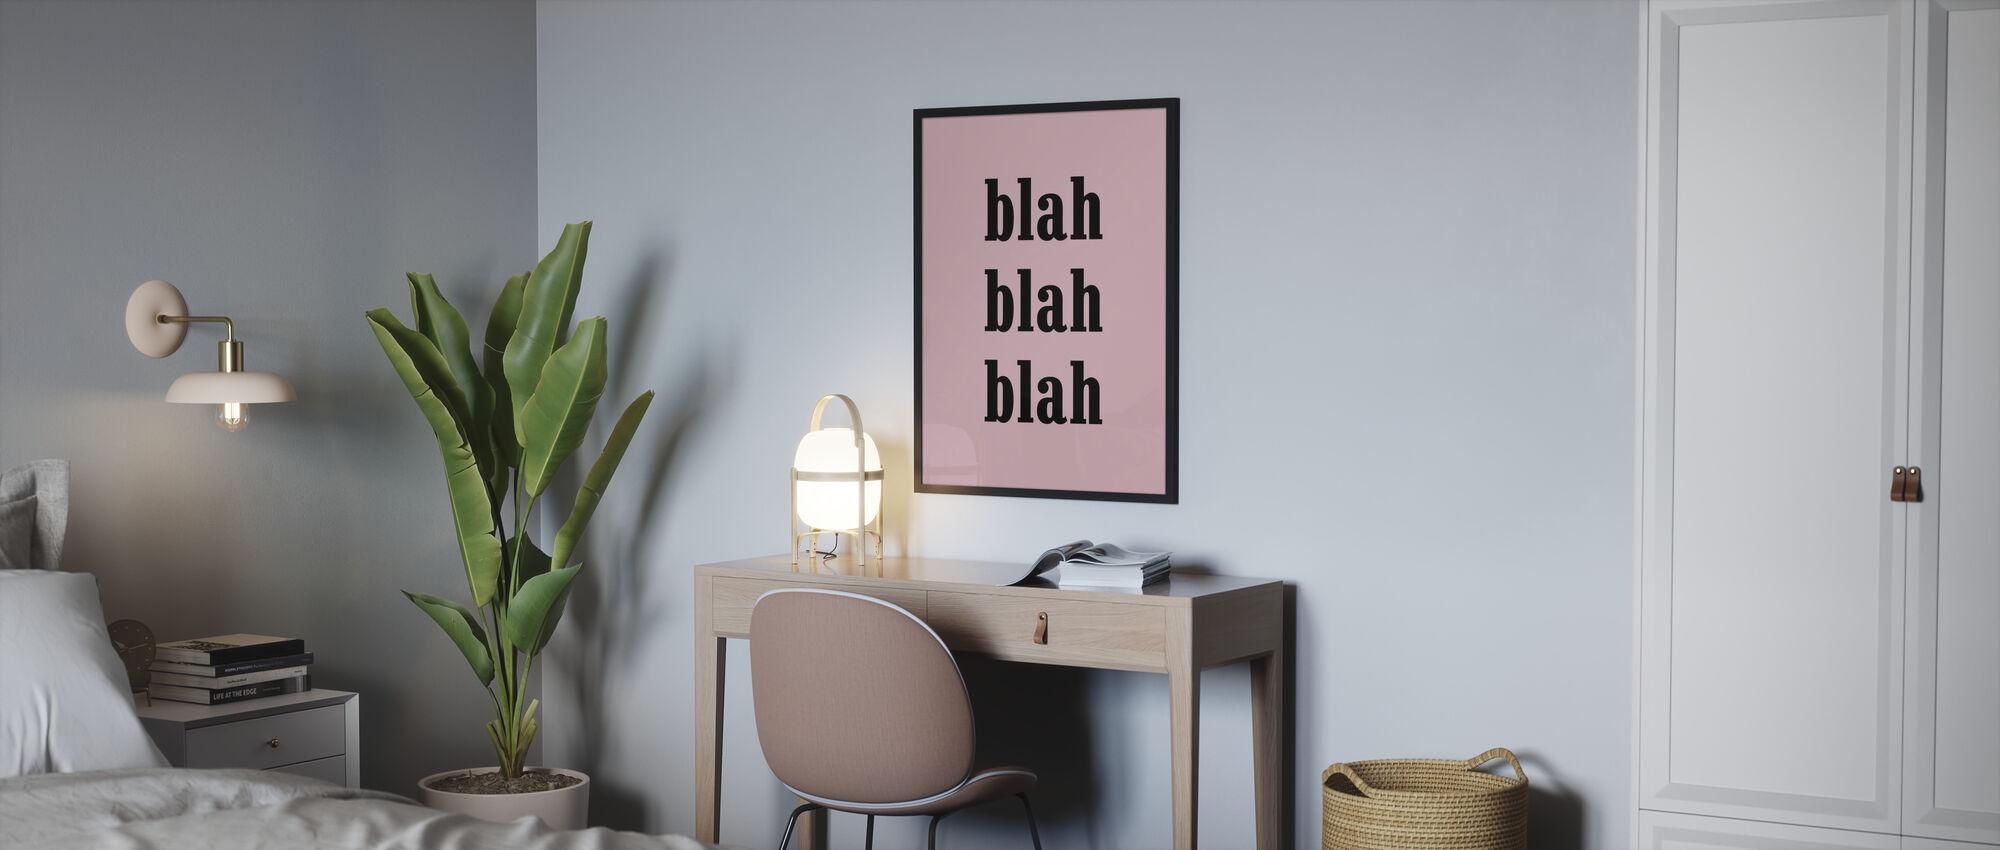 Blah Blah Blah - Poster - Schlafzimmer